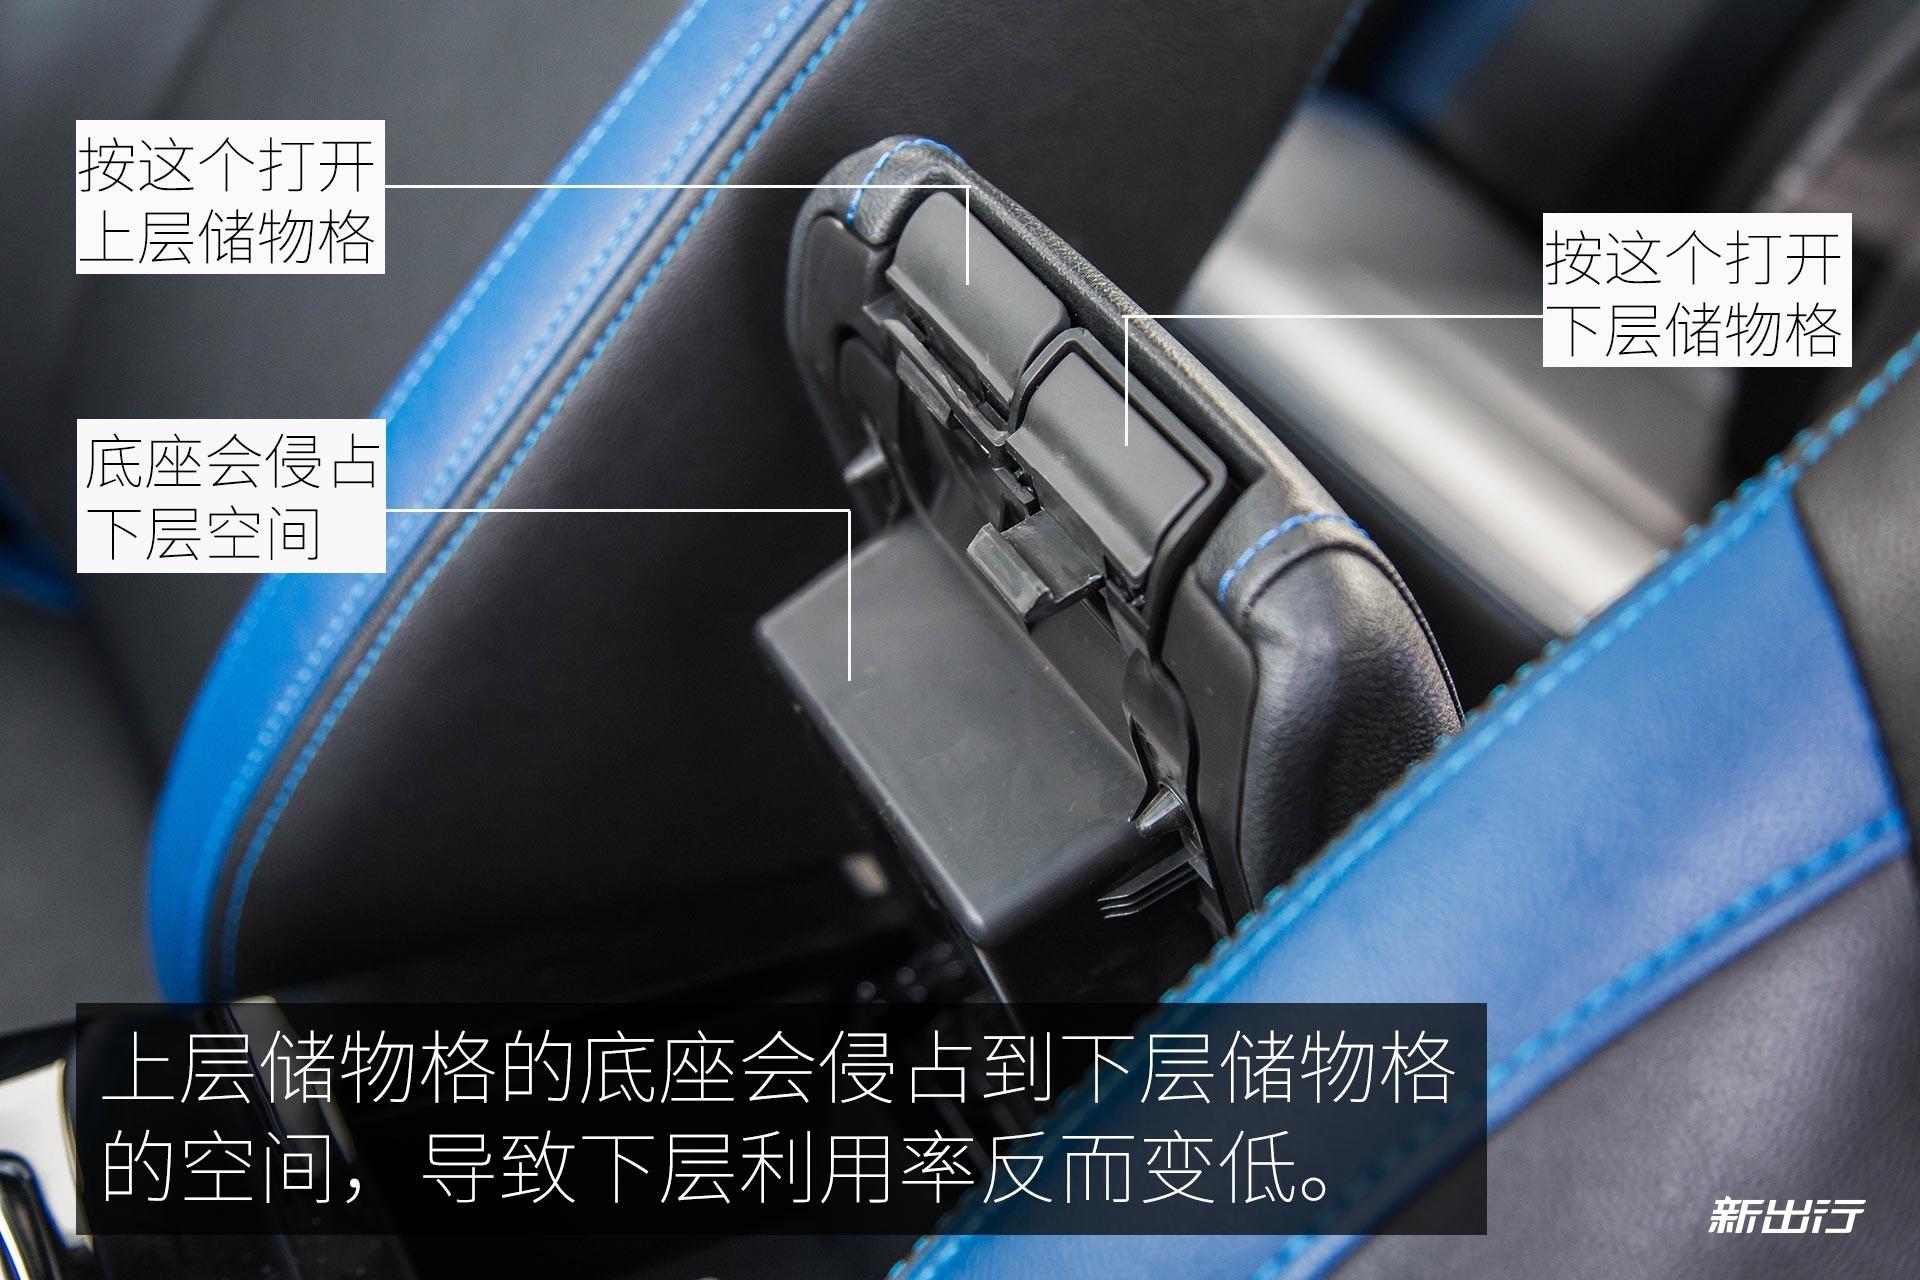 56-吉利帝豪EV300深度评测体验.jpg